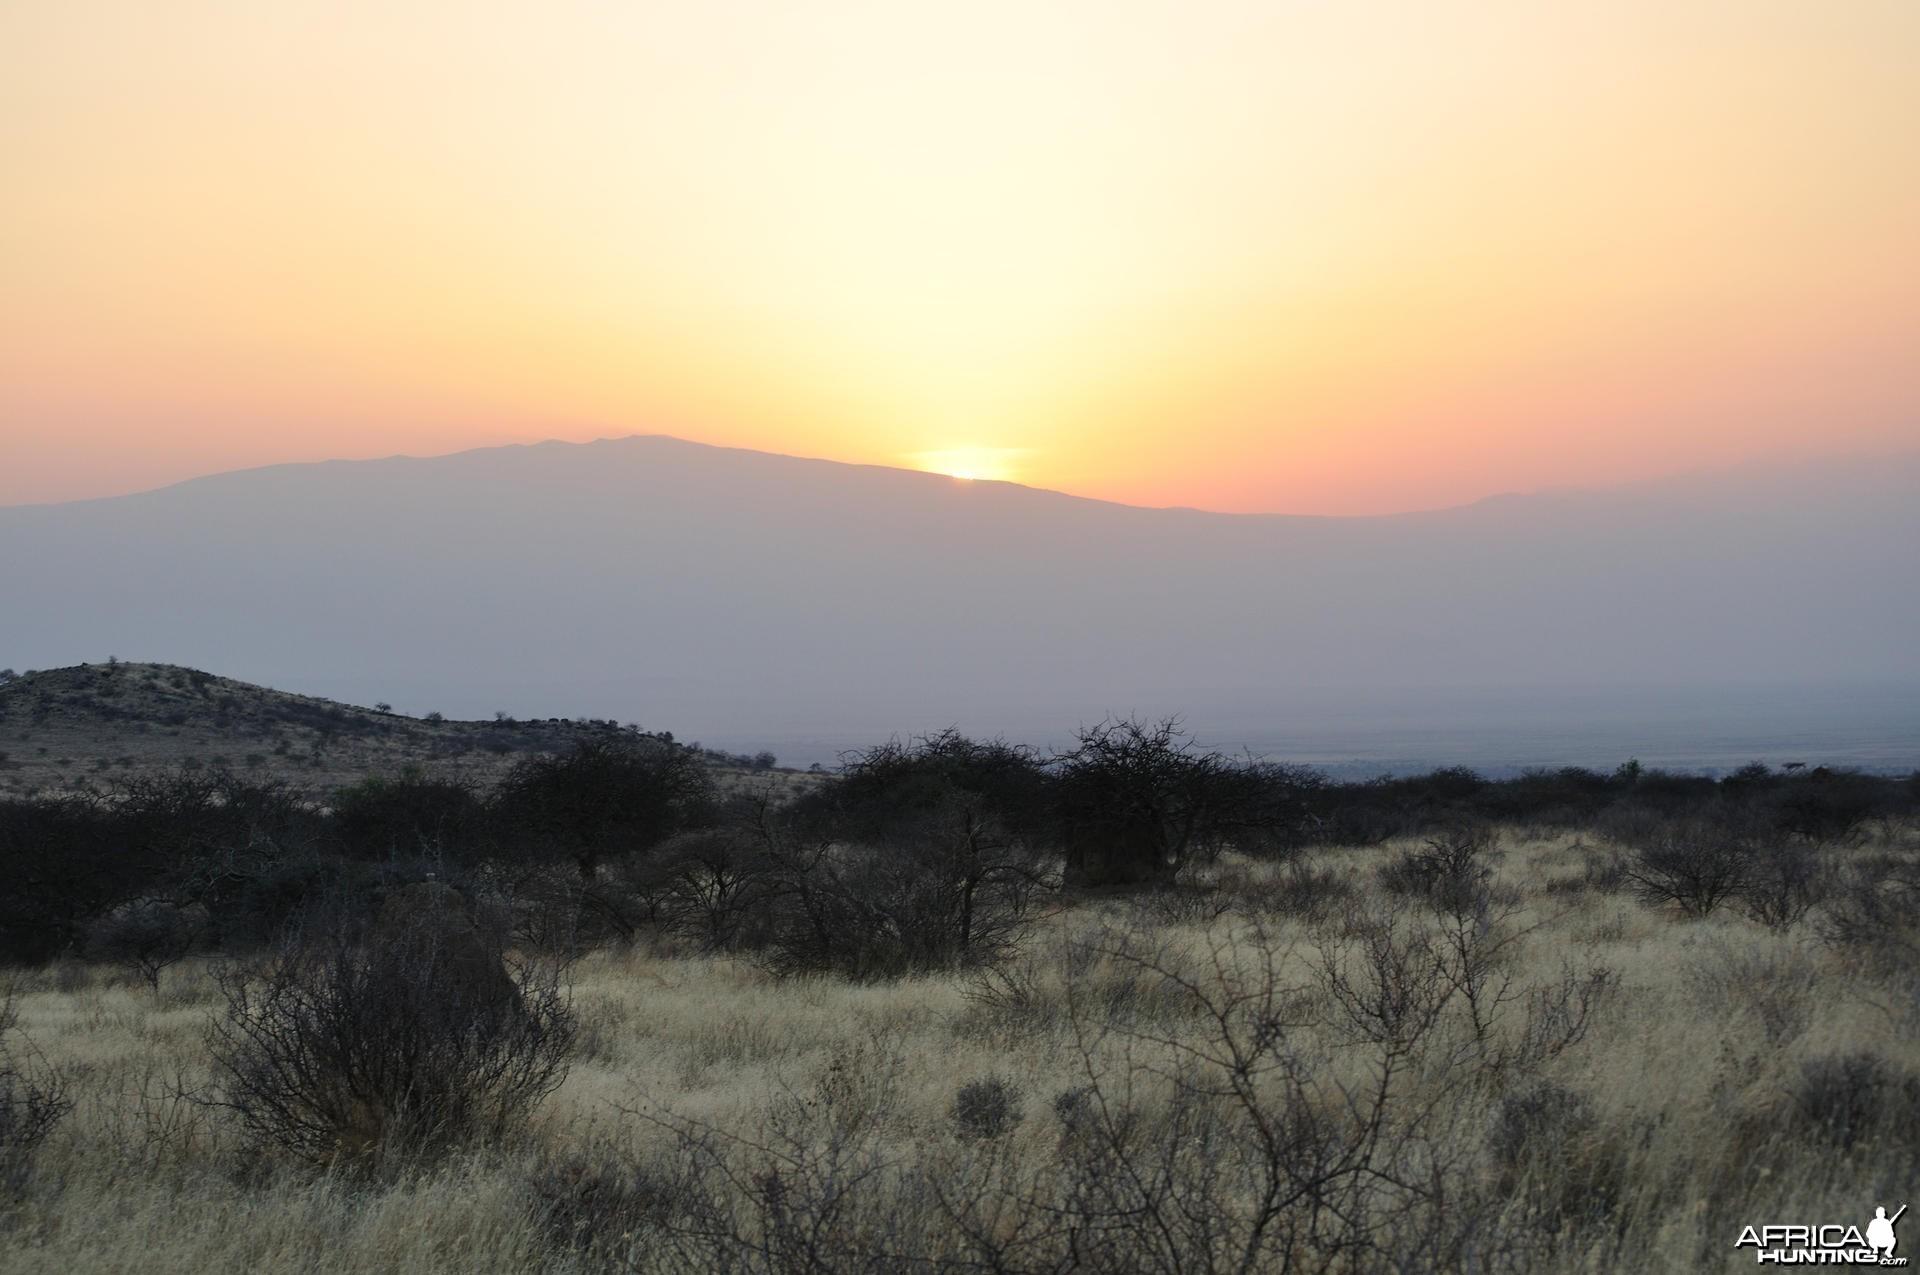 Heaven on earth... Tanzania